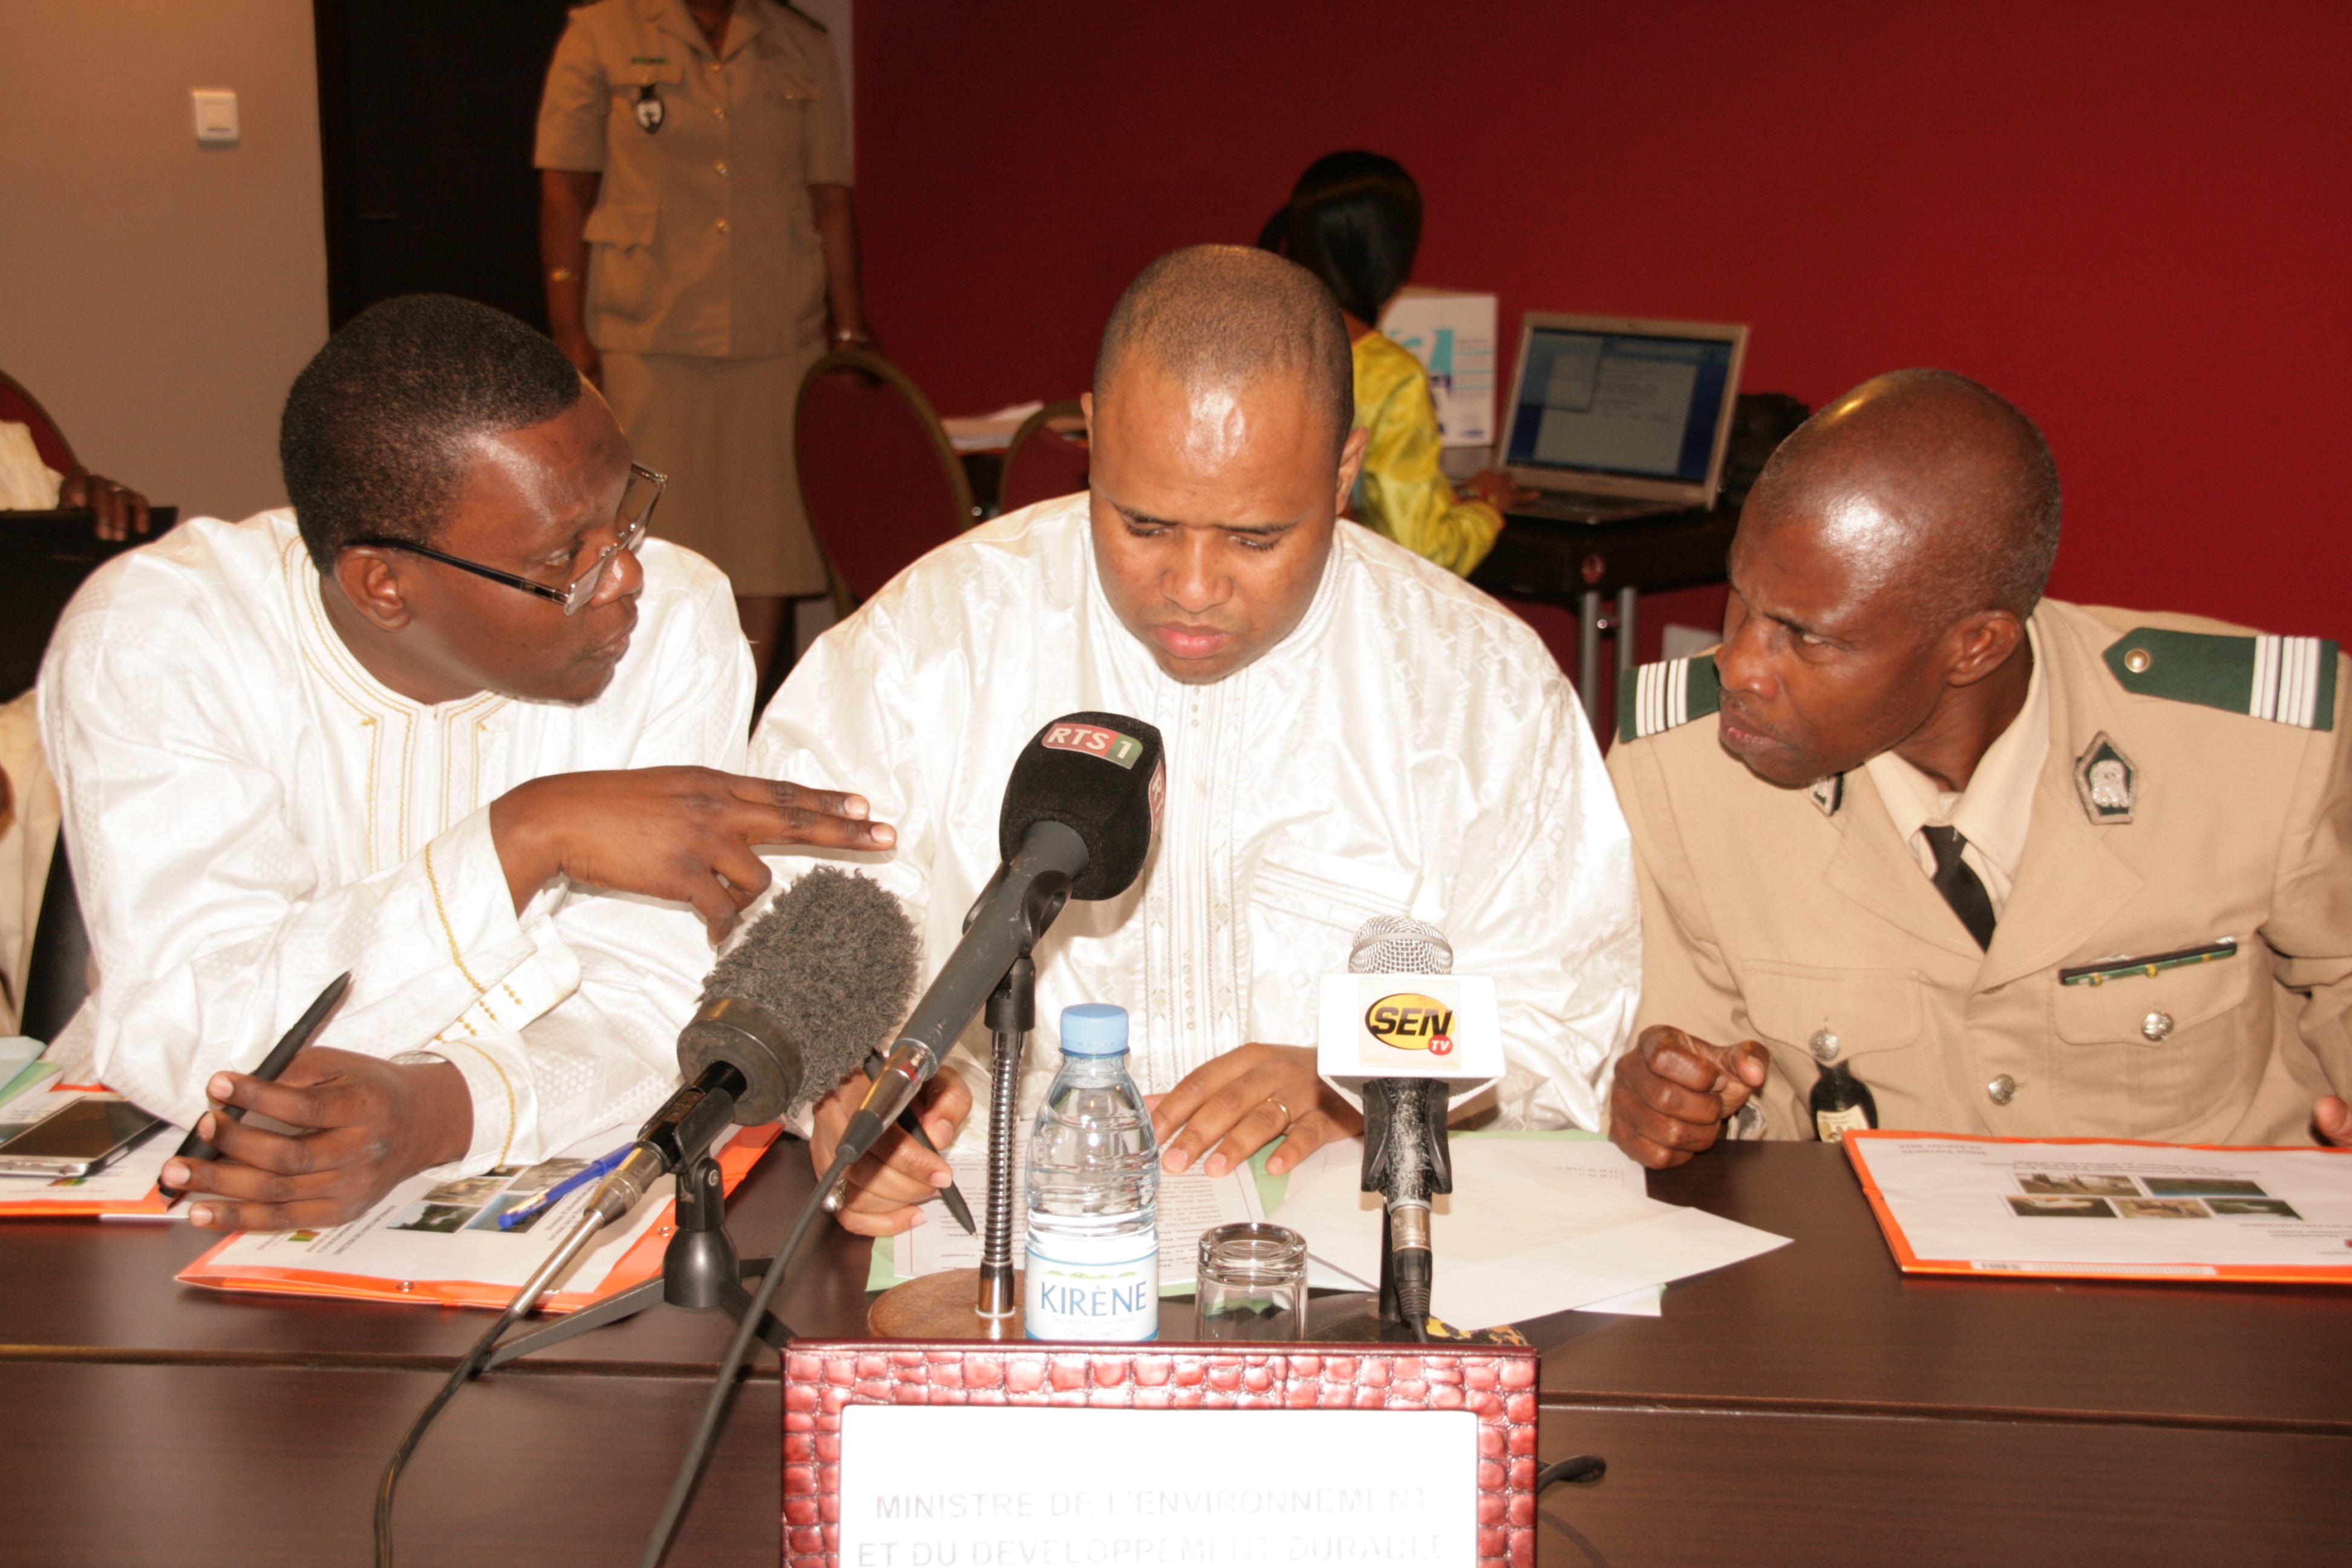 Réunion préparatoire de la Cop 21 : Pour forger une compréhension commune sur les axes de la participation du Sénégal à la COP